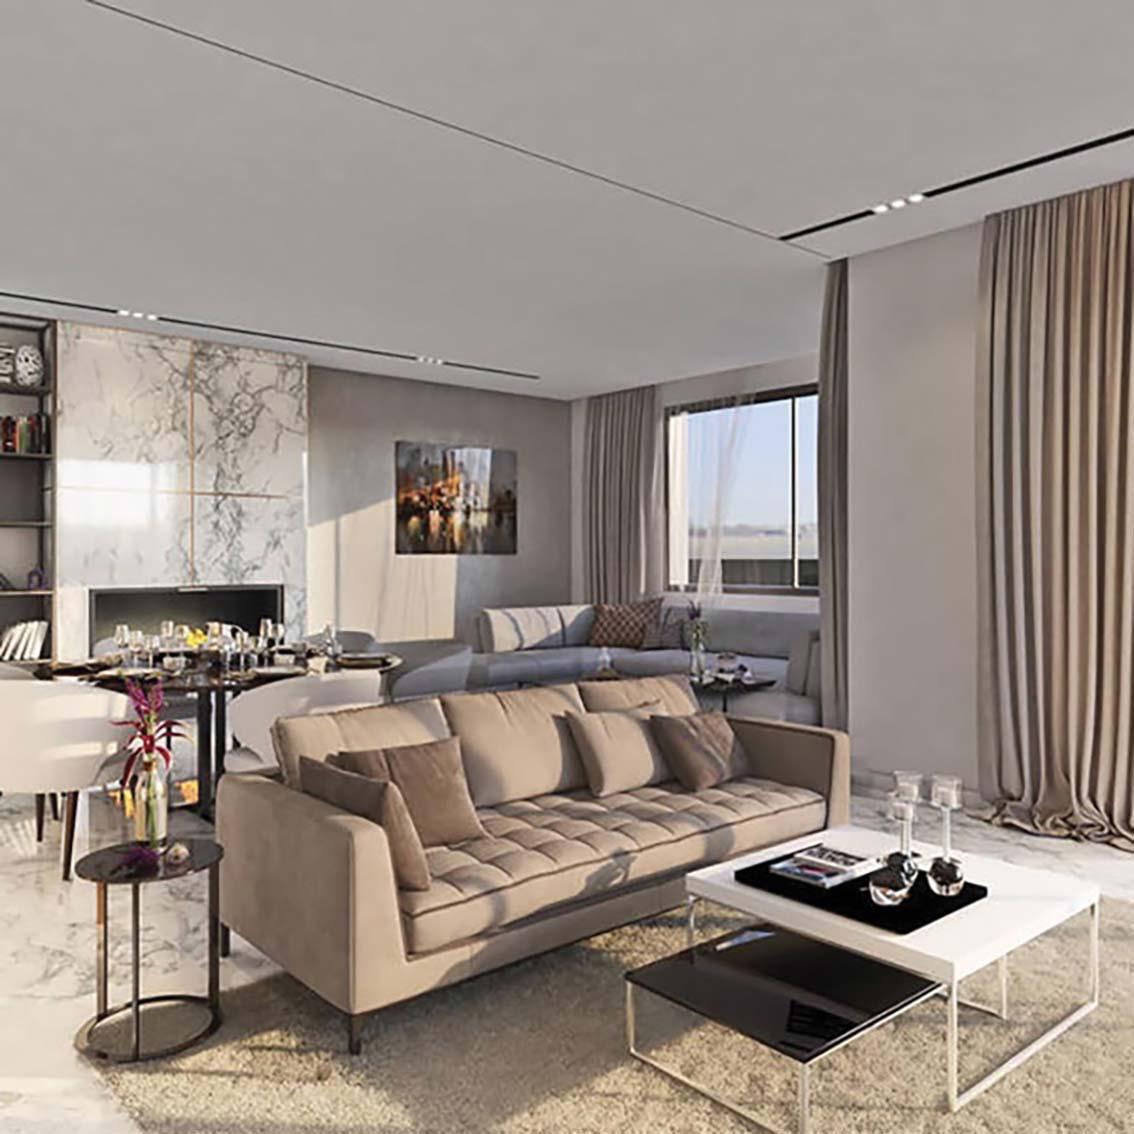 La nouvelle adresse luxe au cœur de Casablanca